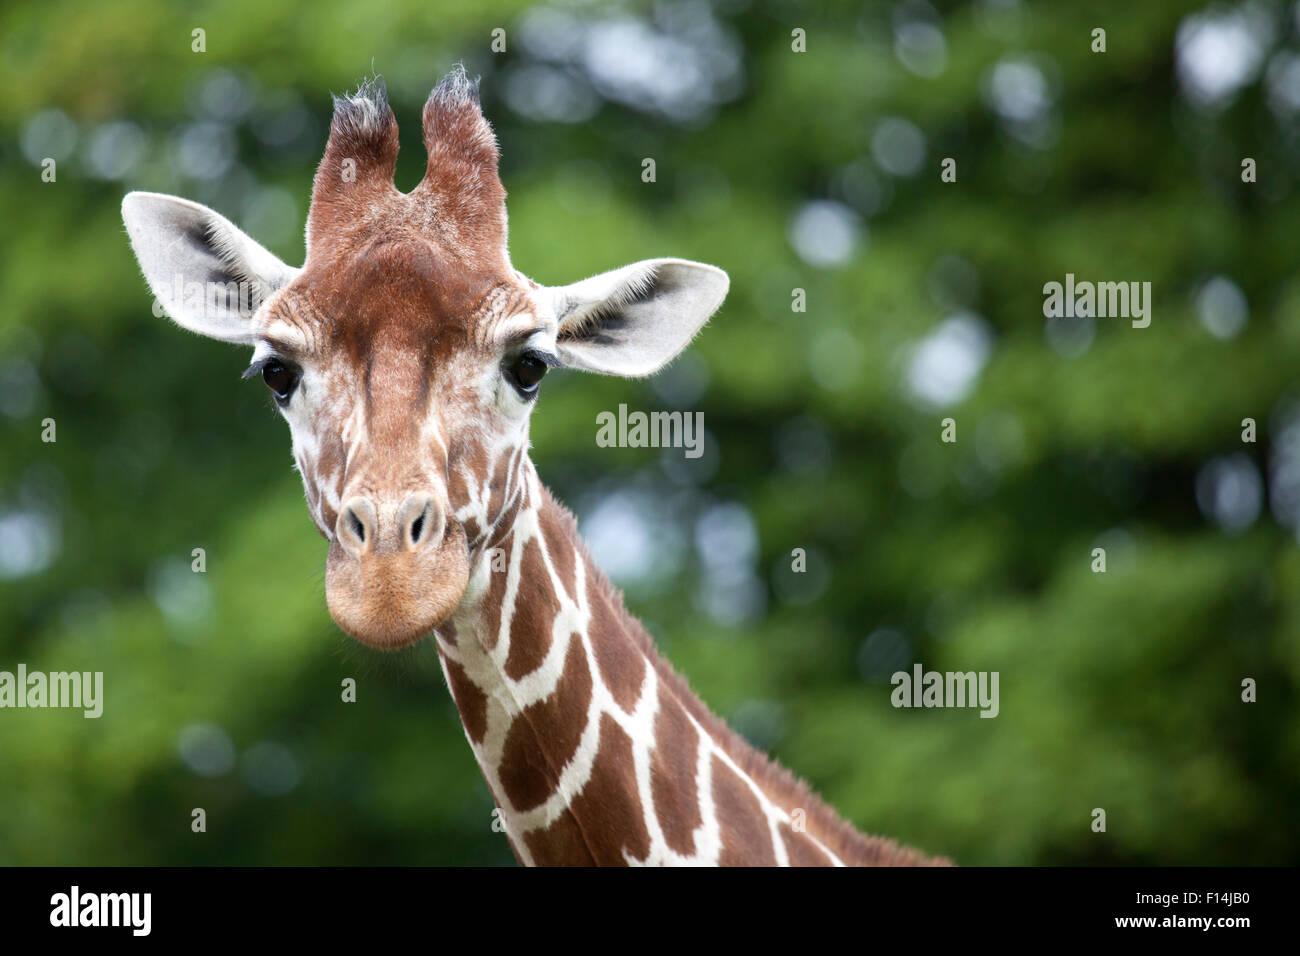 Giraffe réticulée tête avec l'espace sur la droite pour le texte Photo Stock